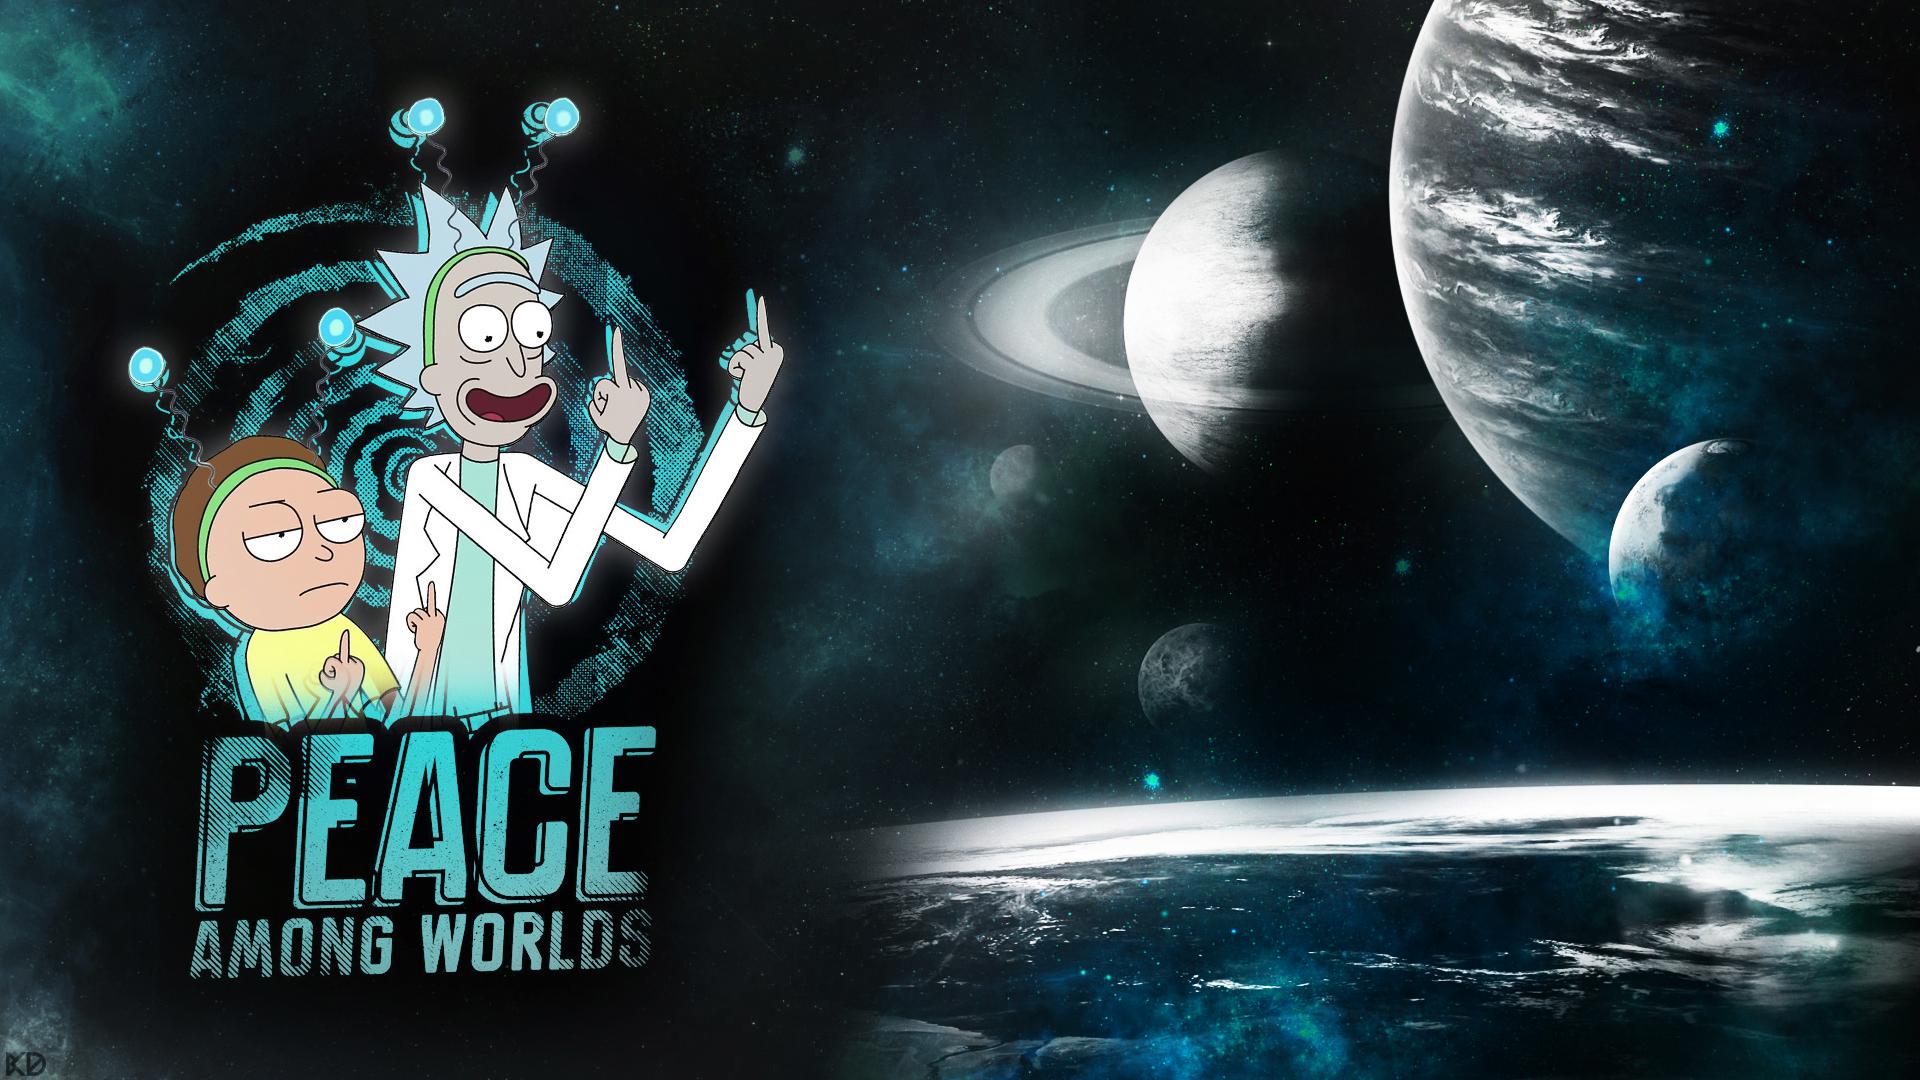 Peace Among Worlds 1080p HD Wallpaper